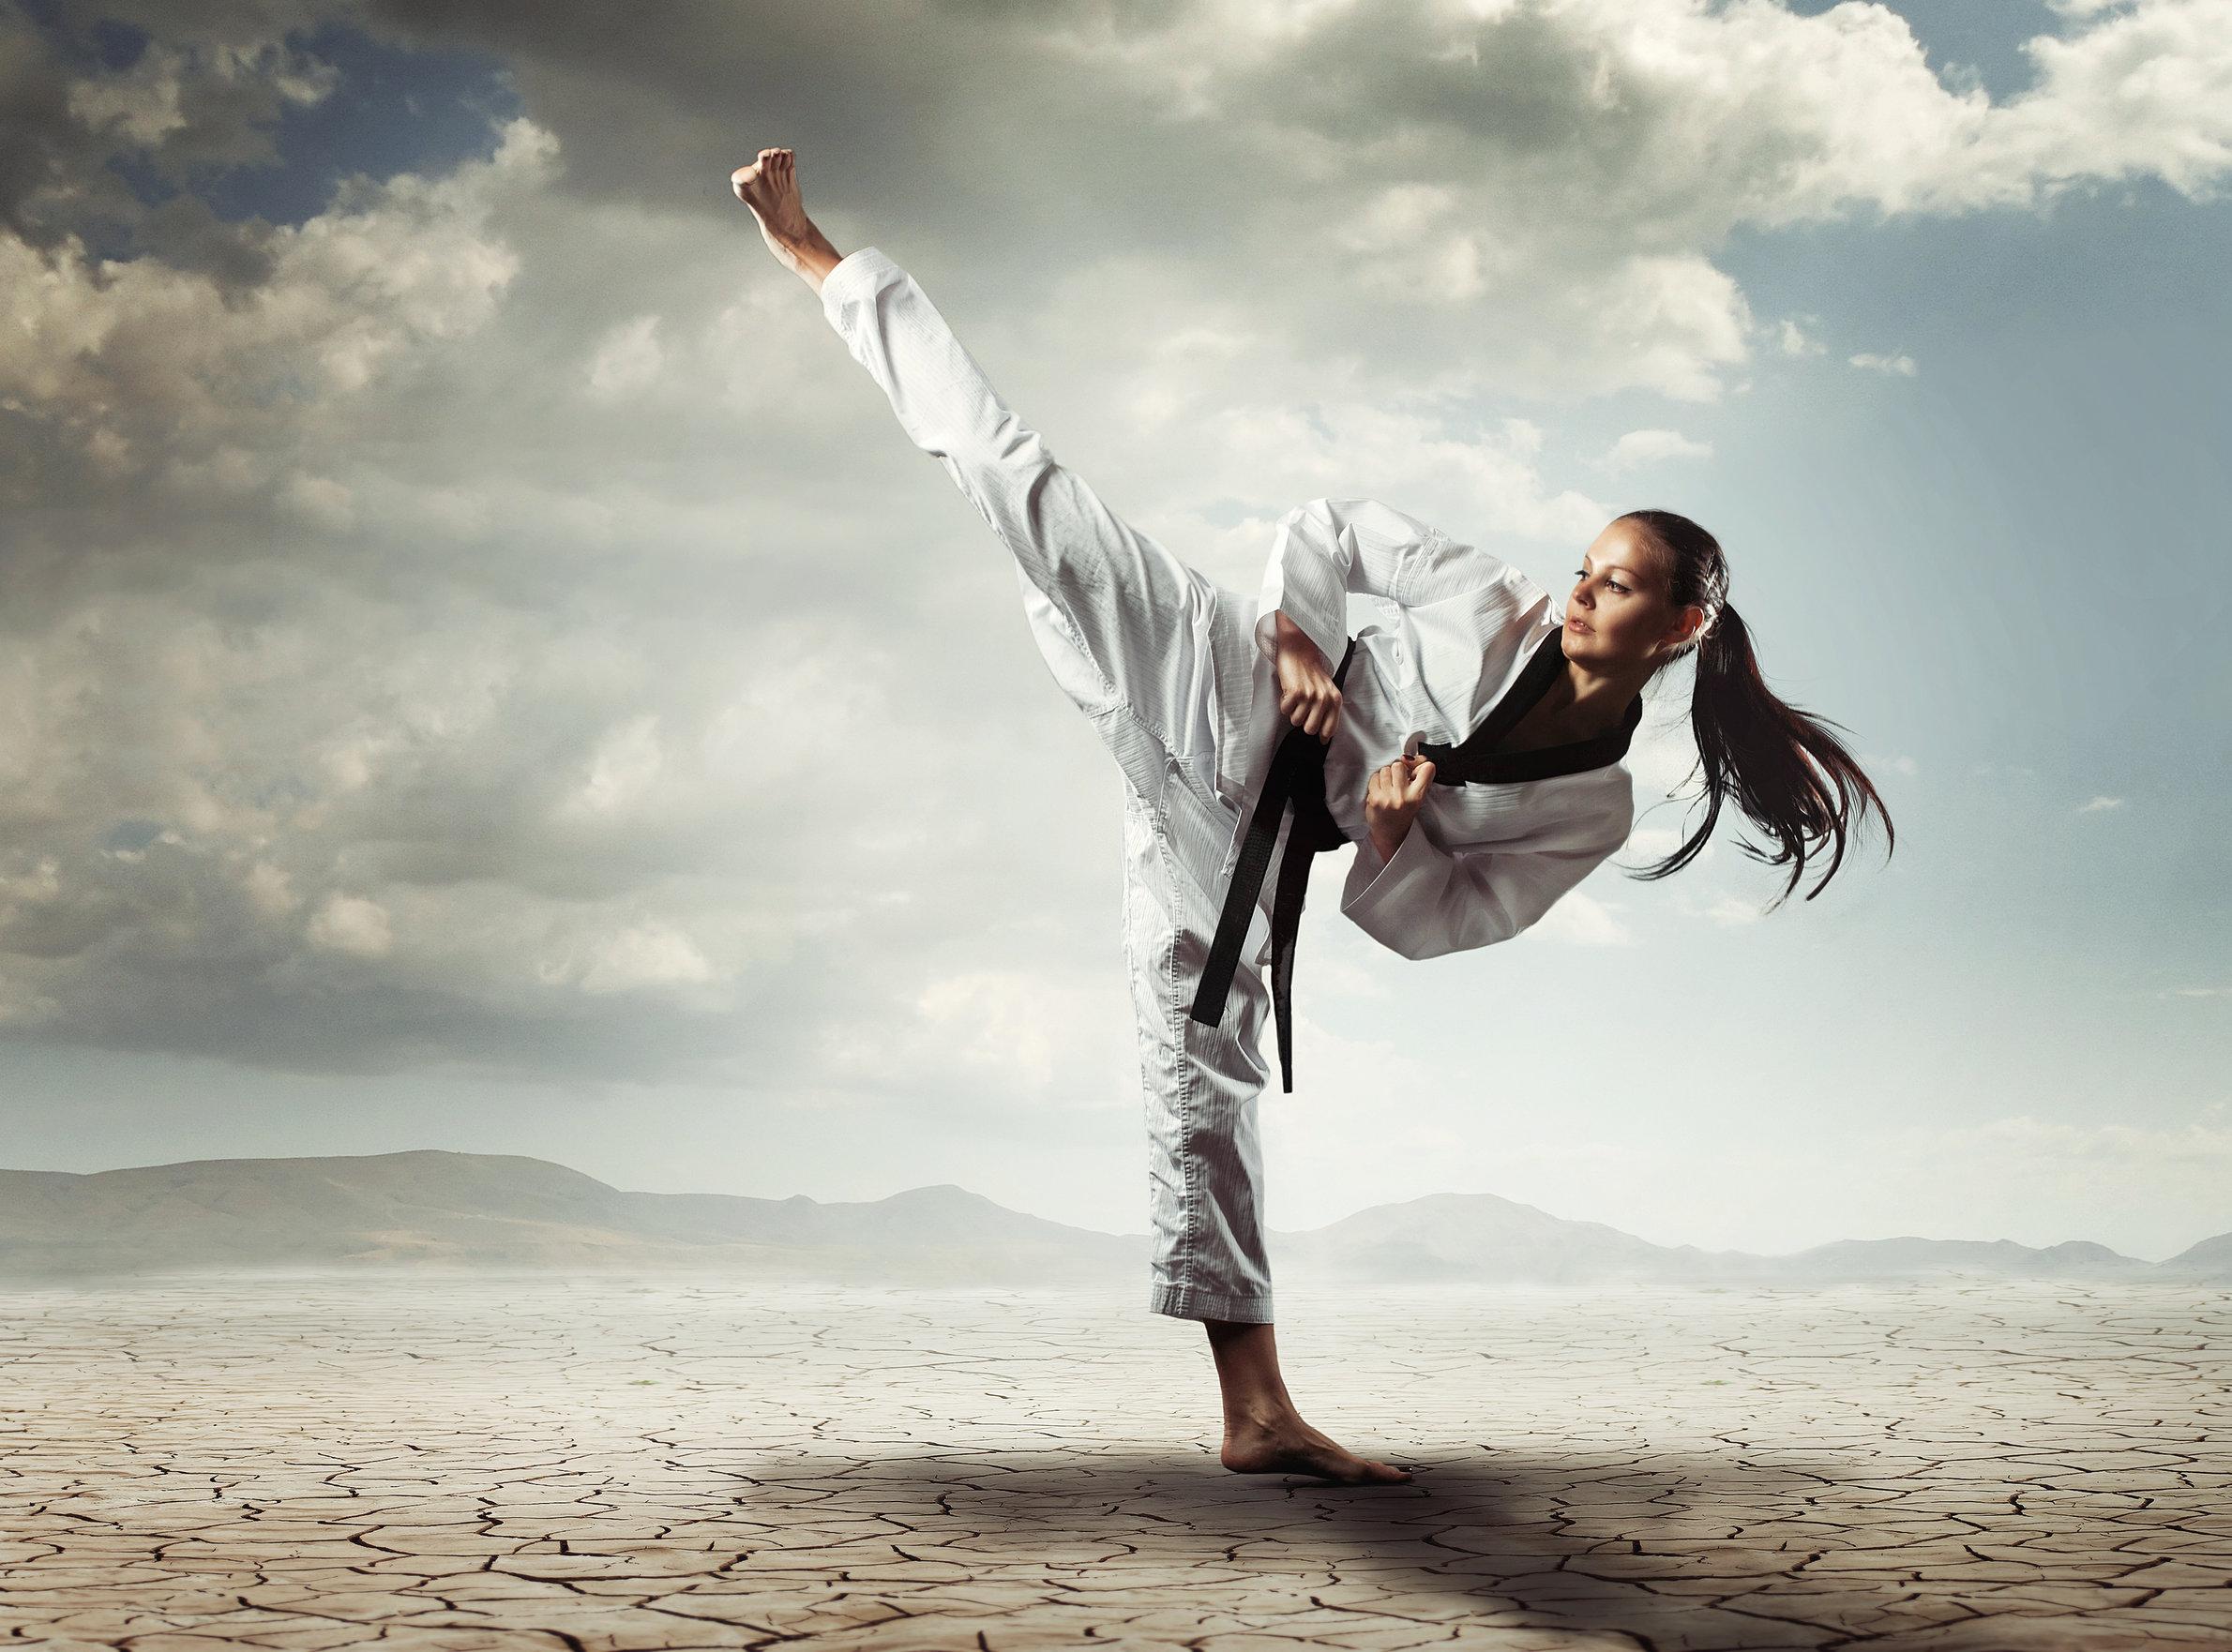 A foto mostra uma atleta de karatê praticando um chute para cima